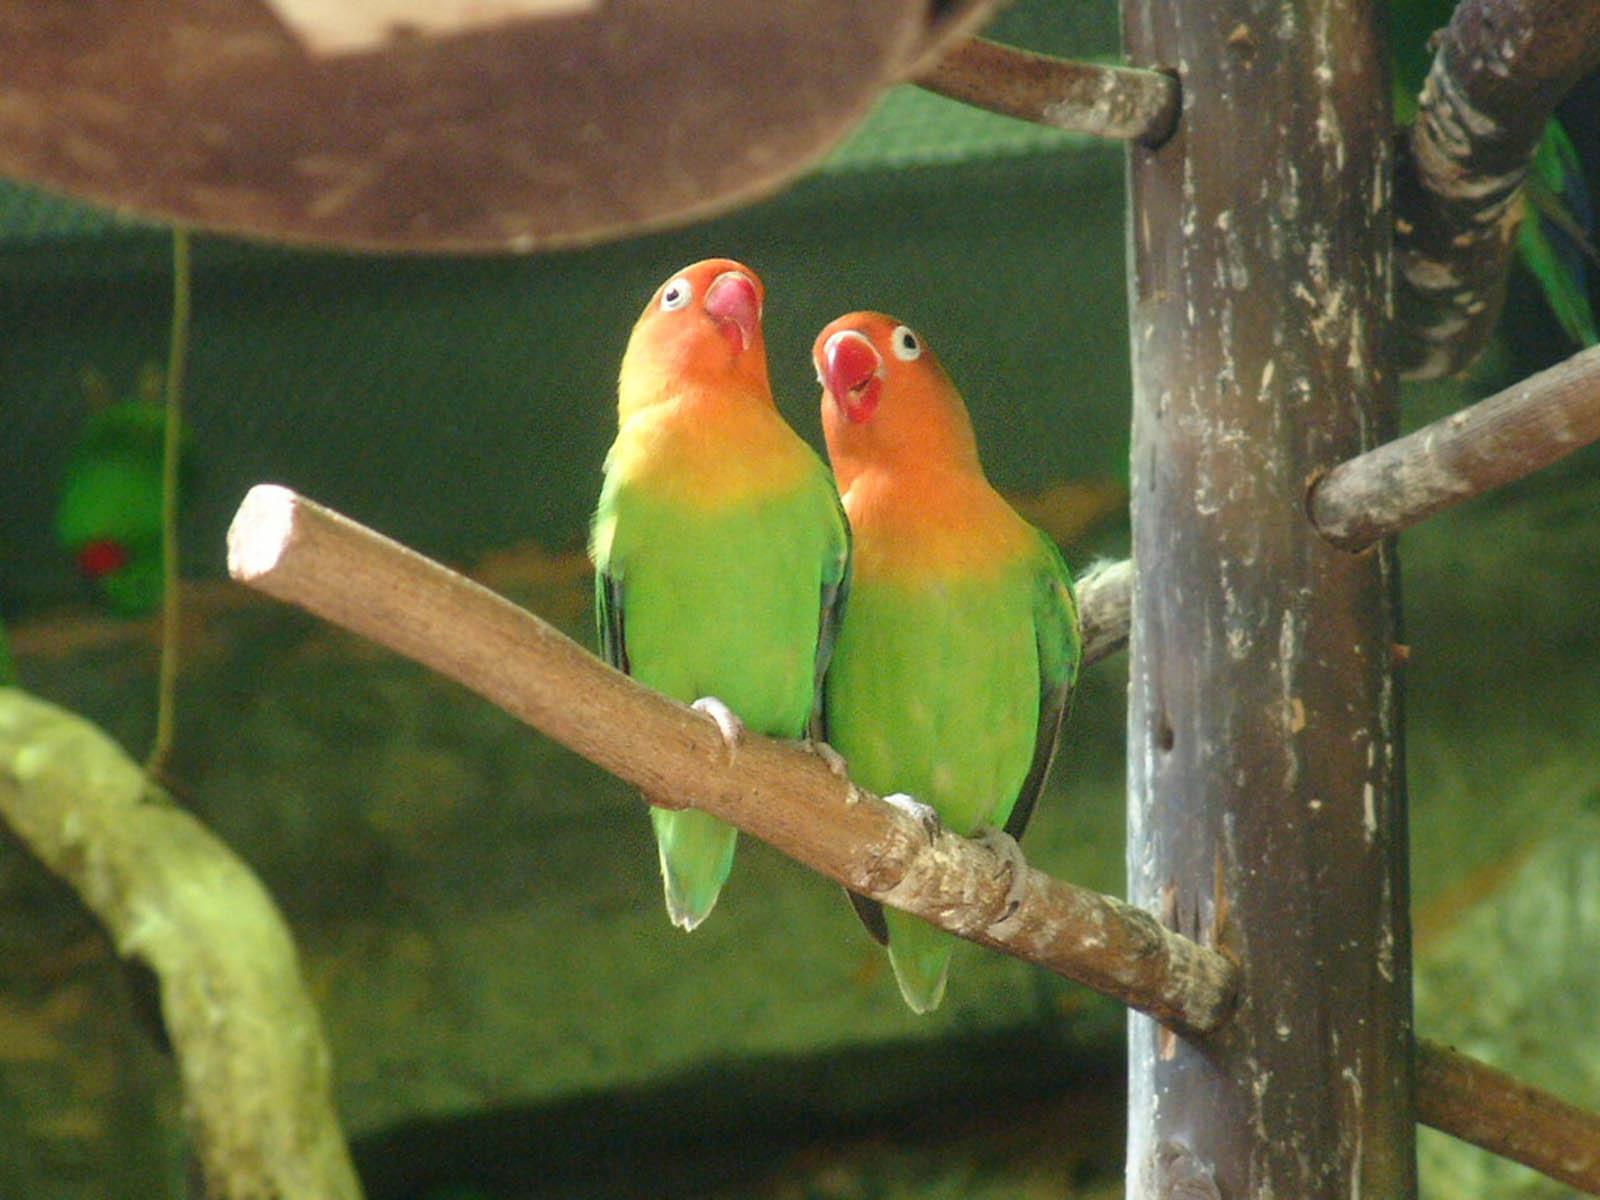 Wallpapers: Love Birds Wallpapers